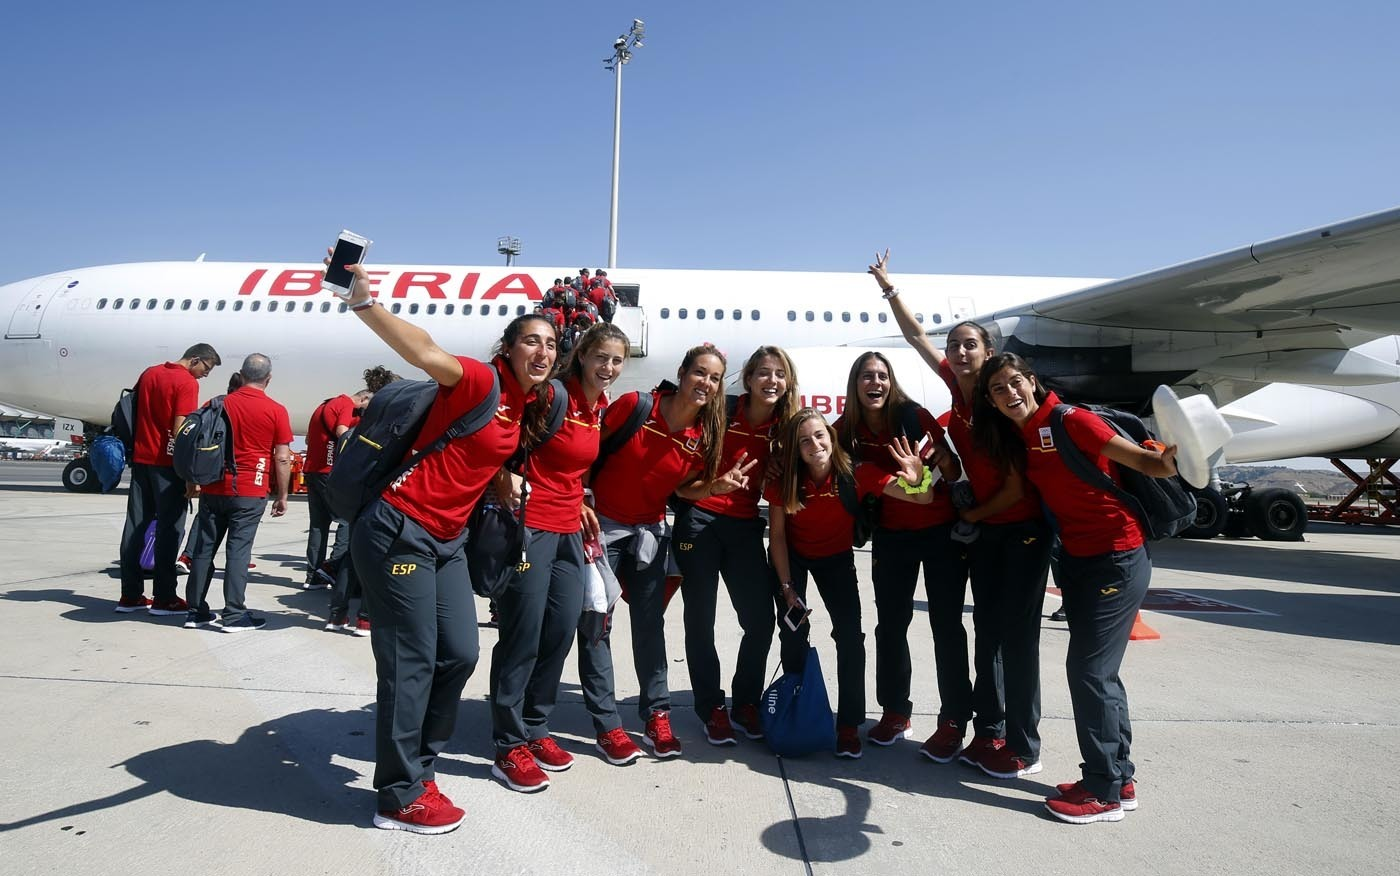 La selección femenina de hockey hierba, antes de subir al avión.